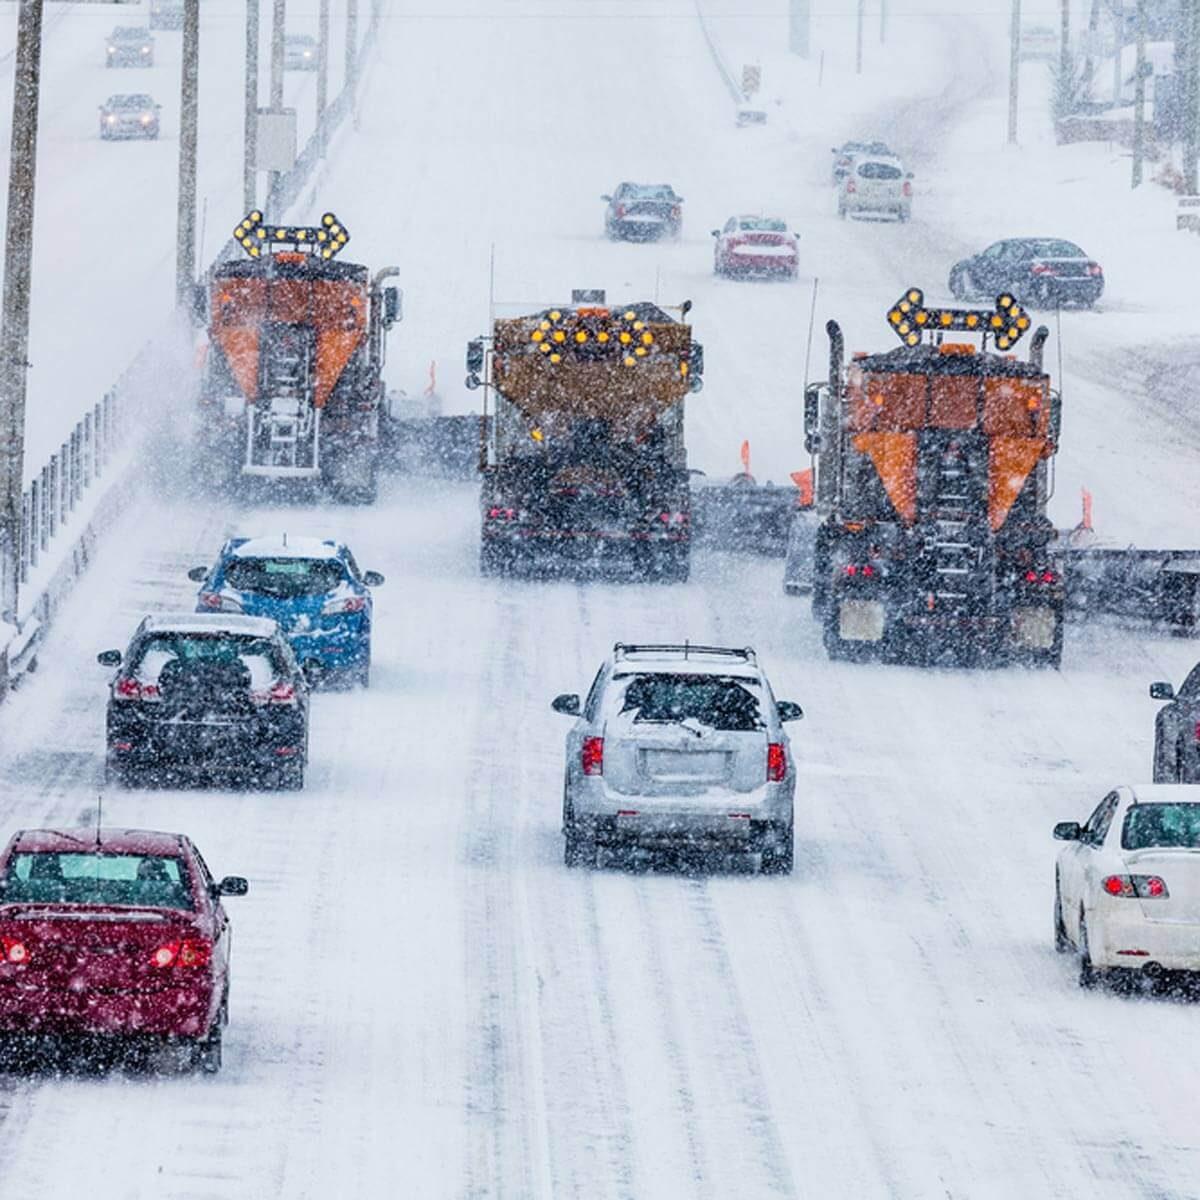 Use Caution Around Snow Plows